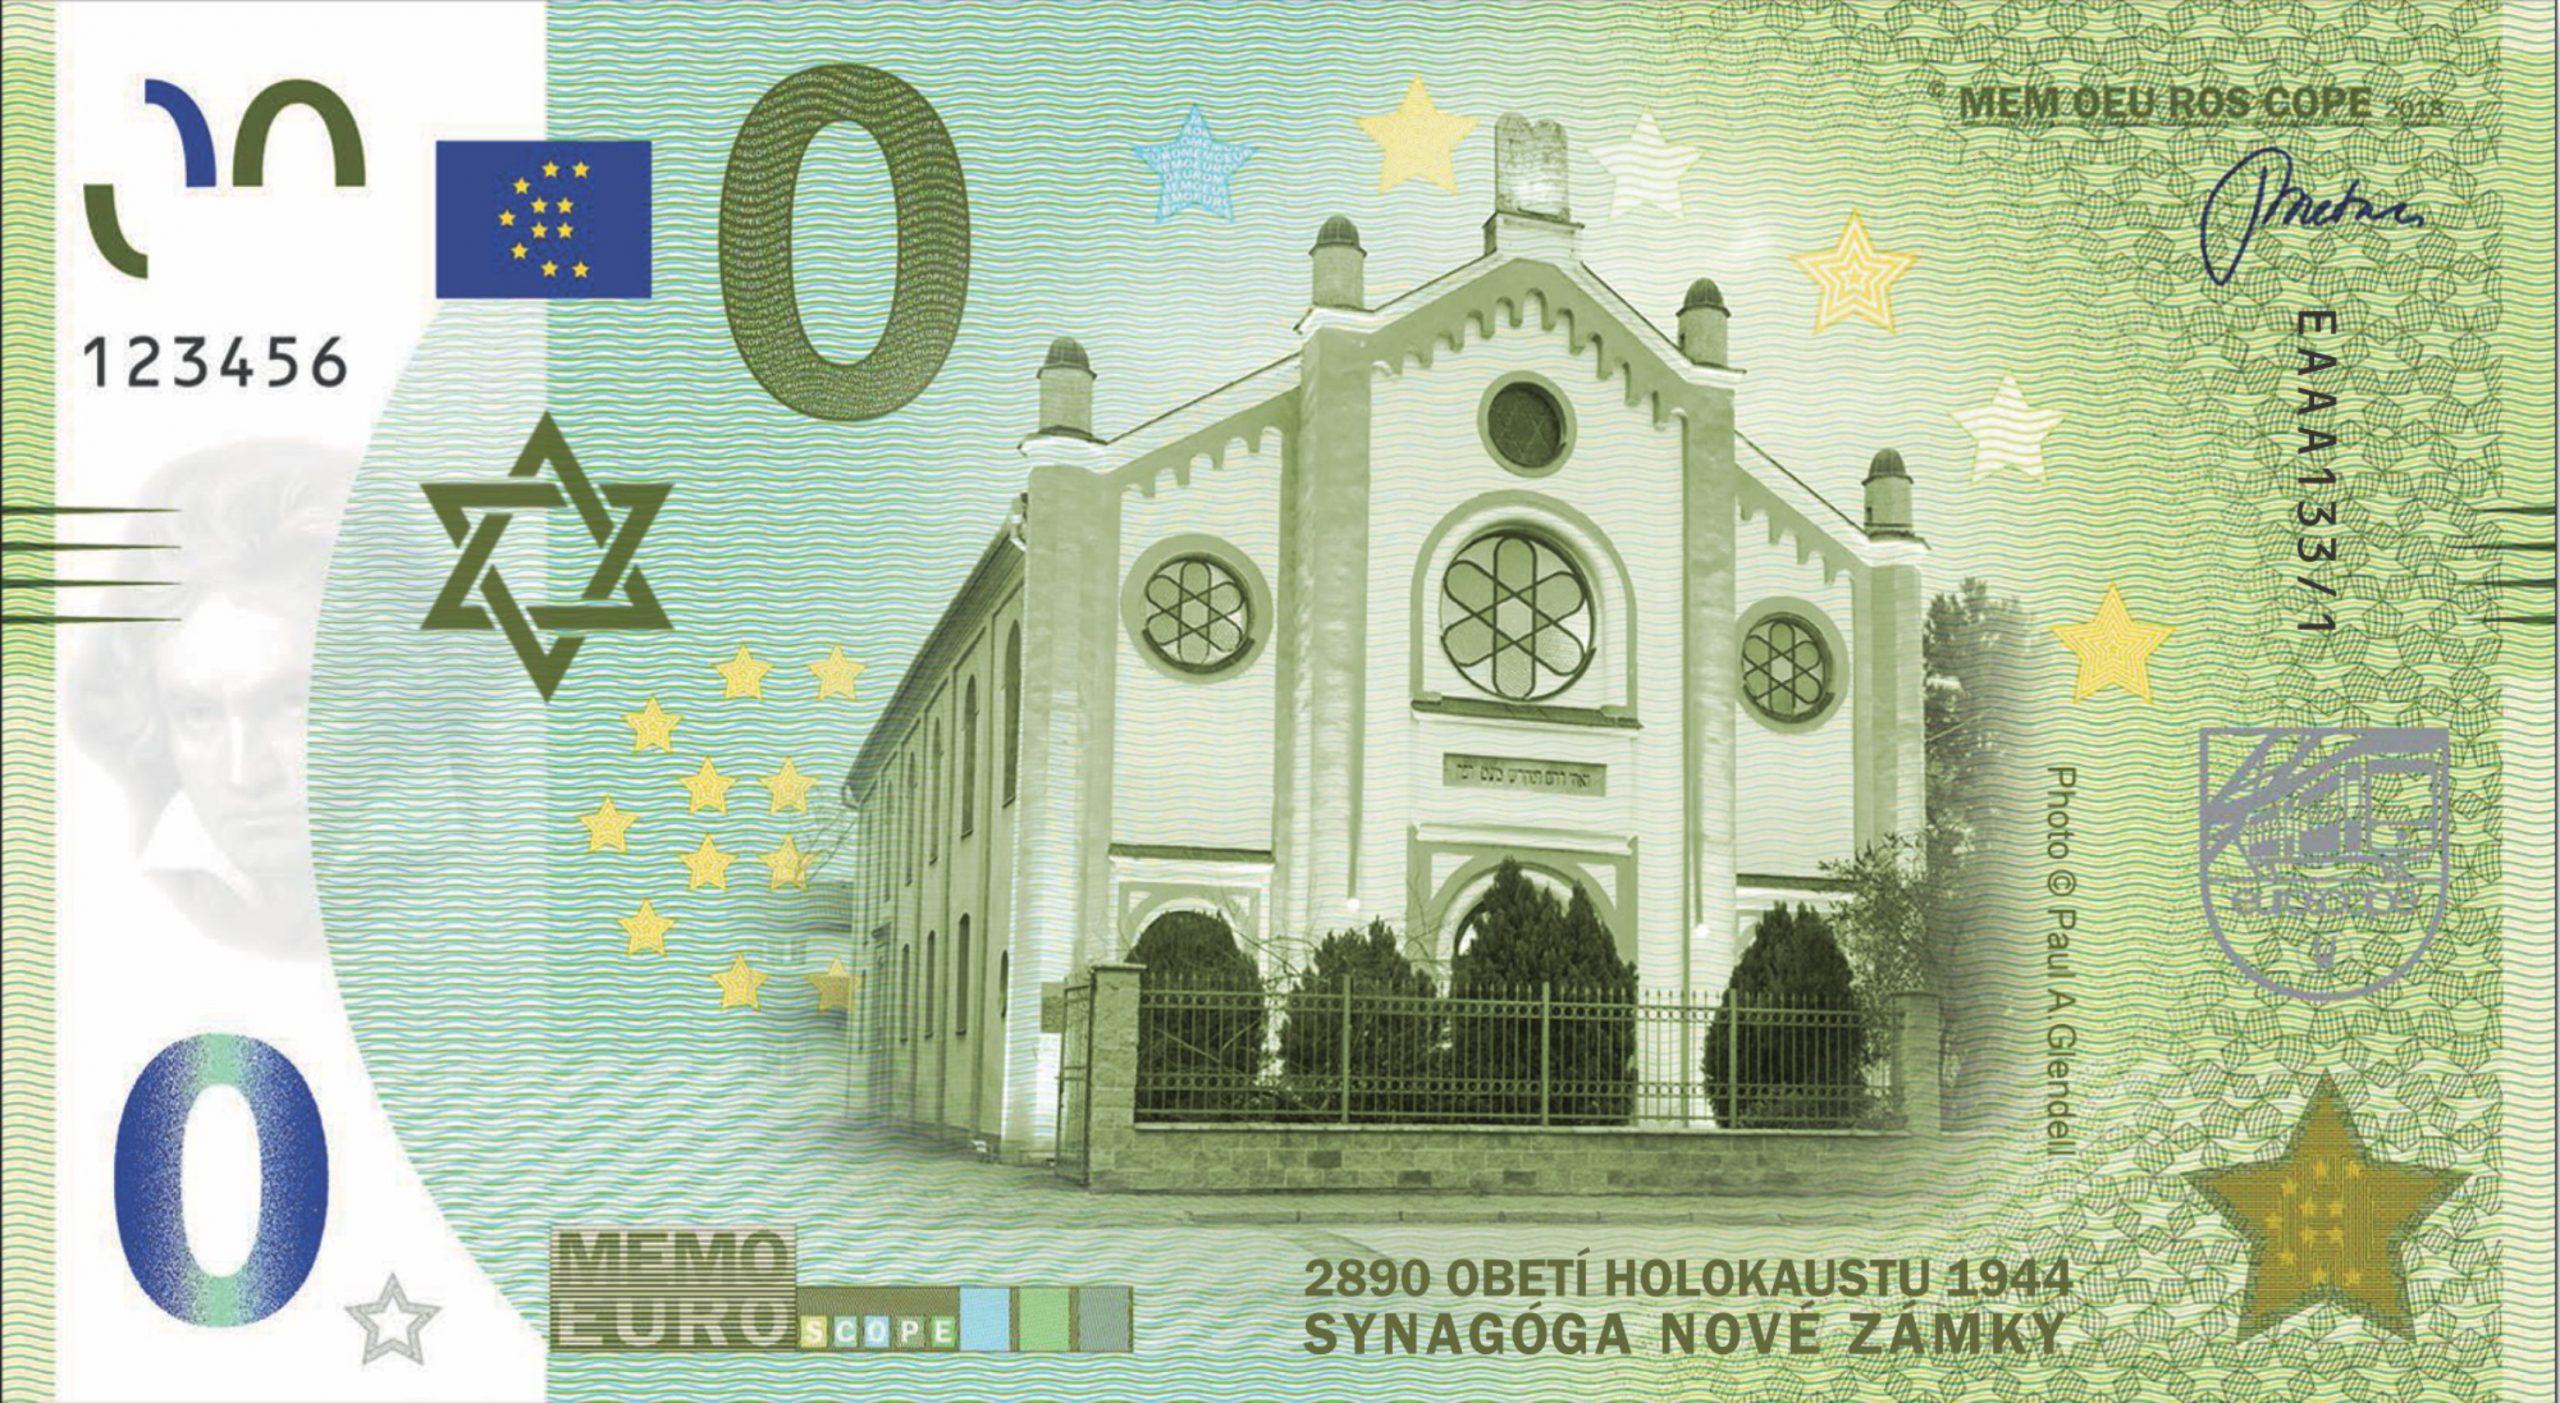 133_01_nove_zamky_synagoge_memoeuro